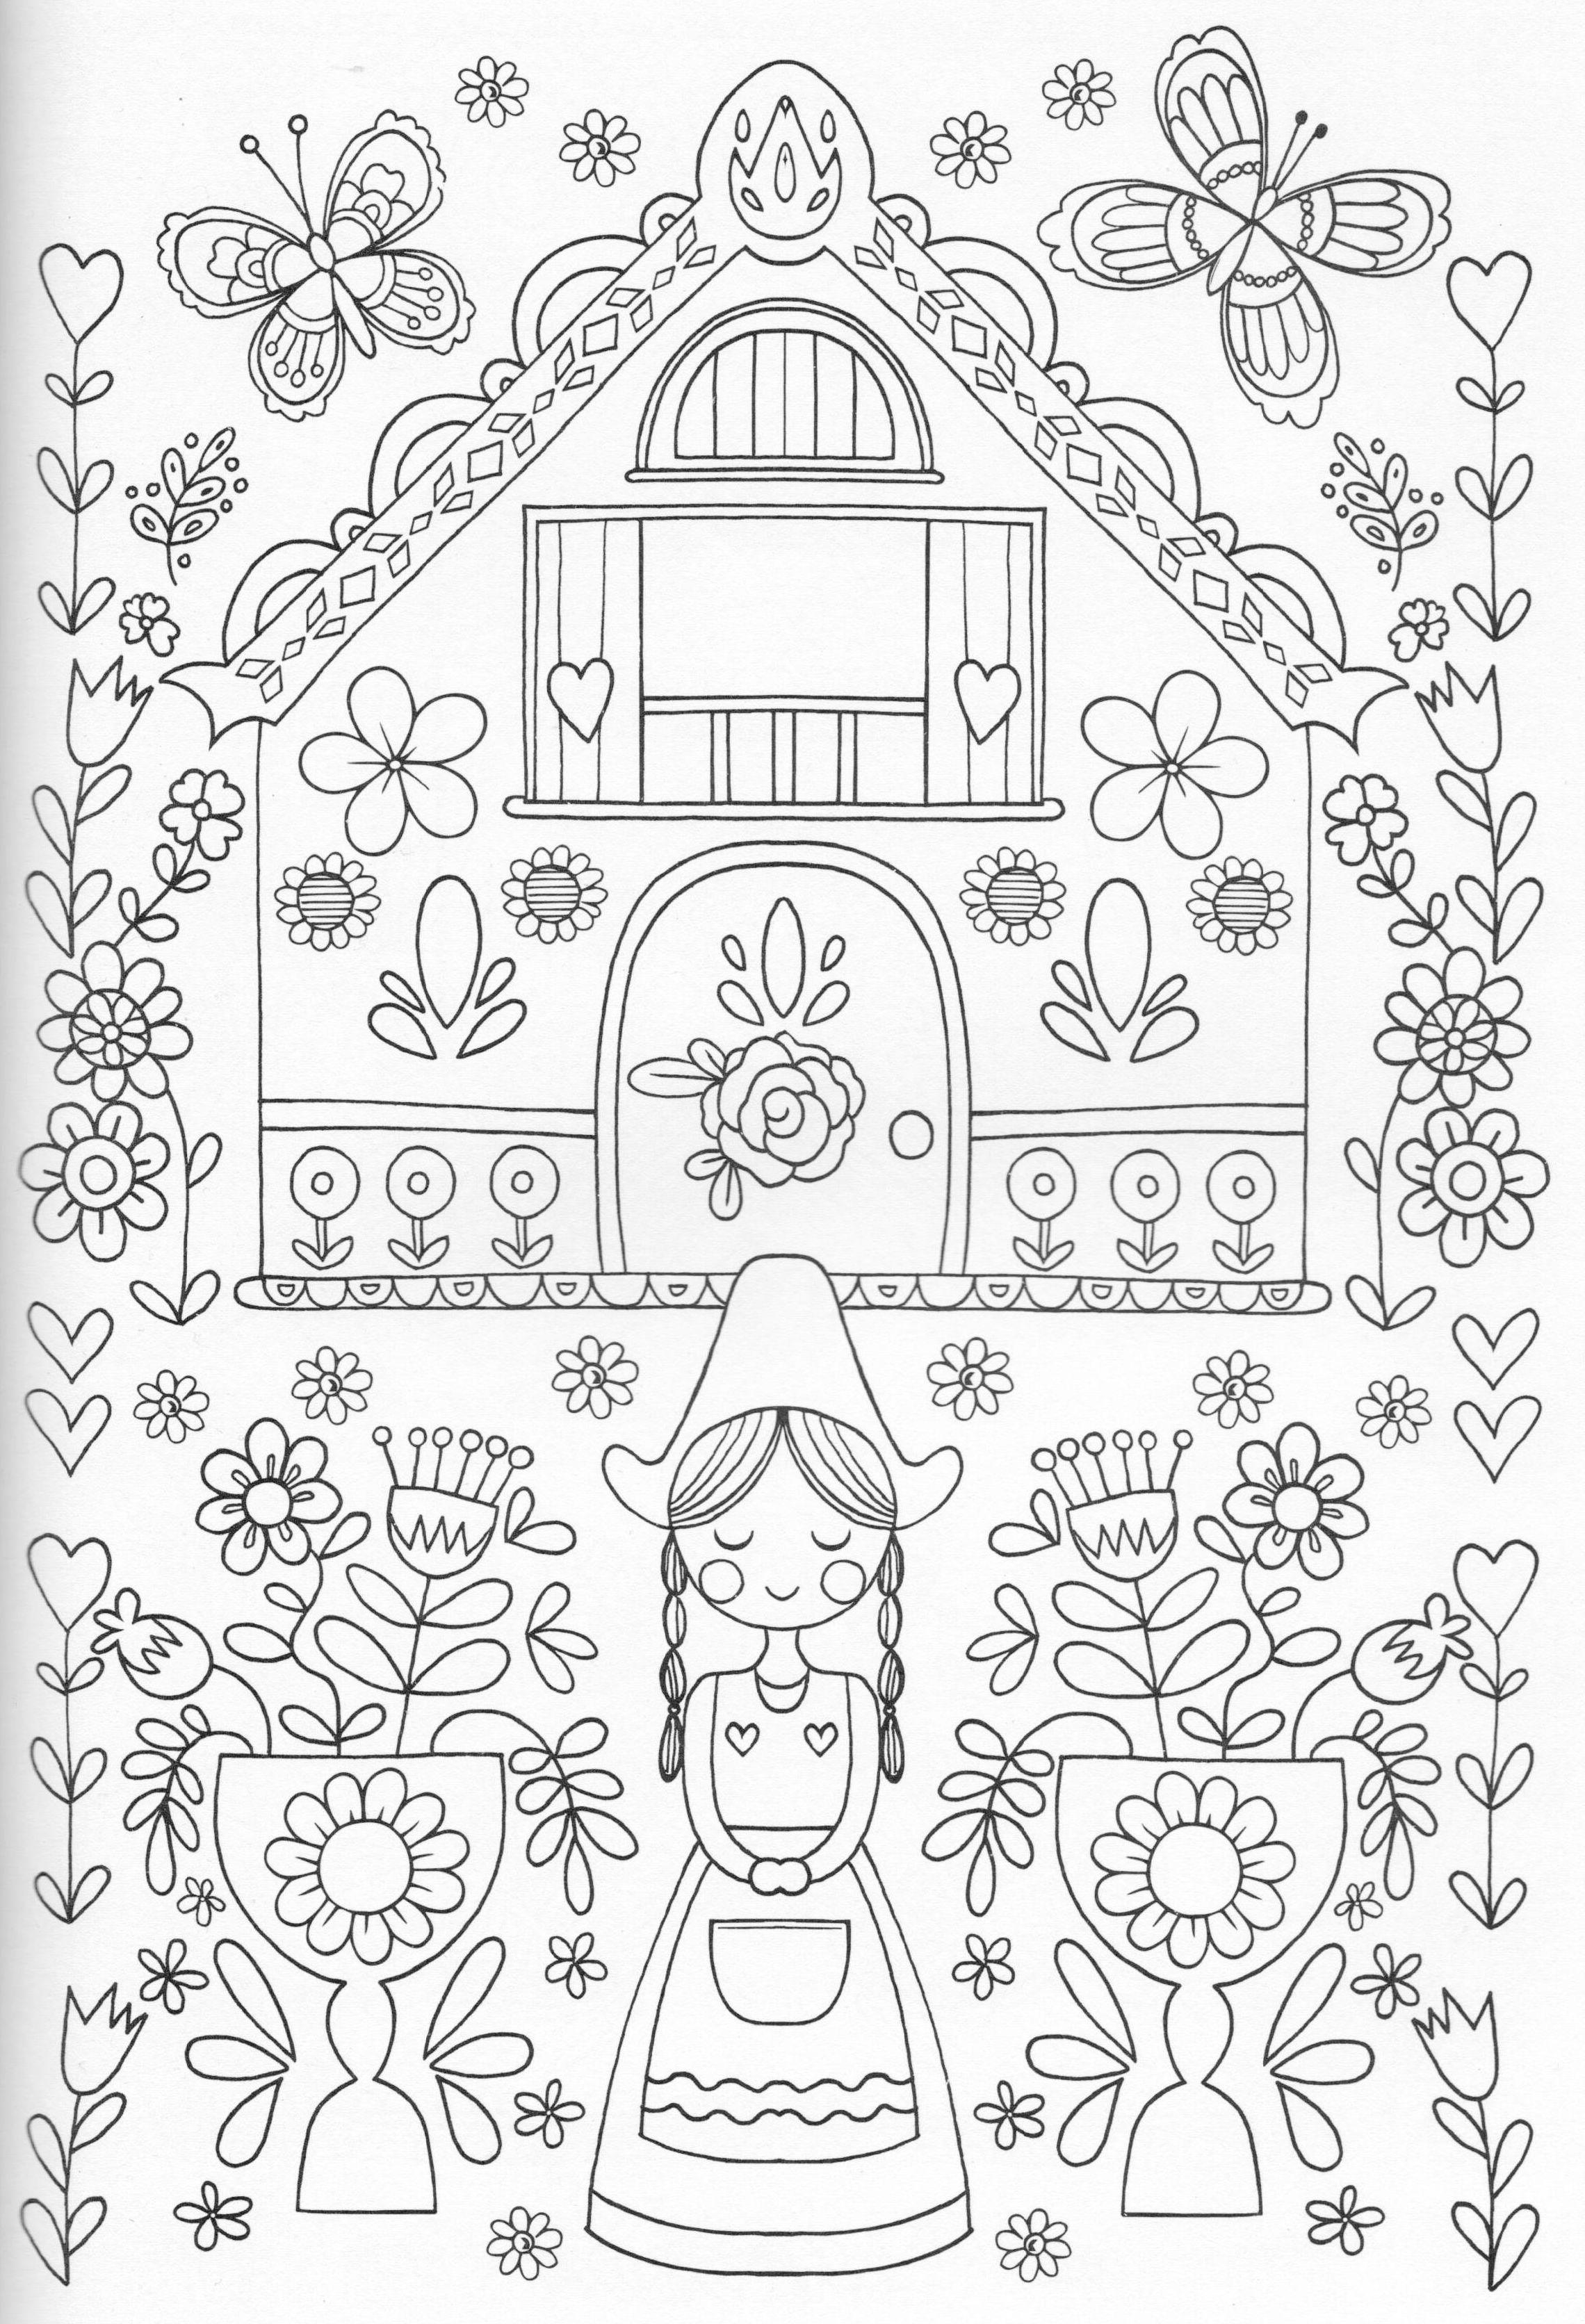 Scandinavian Coloring Book Pg 25 Gratis Kleurplaten Kleurplaten Kleurboek